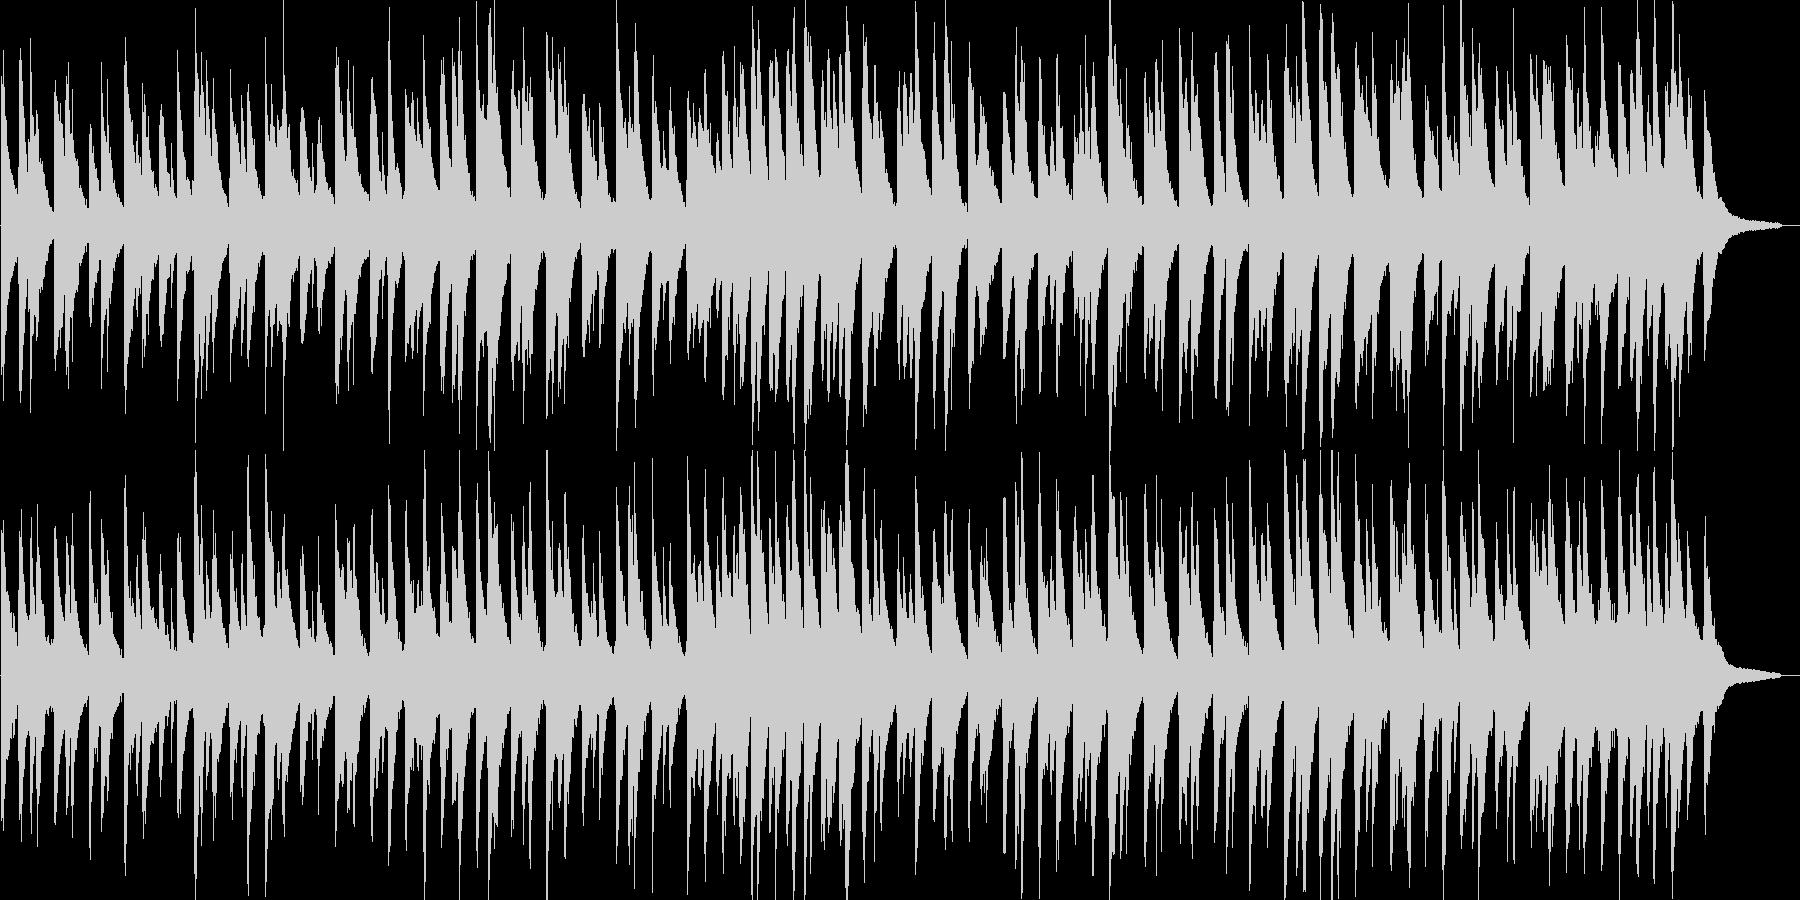 リラックス・ピアノ・ジャズ・ブルース調の未再生の波形